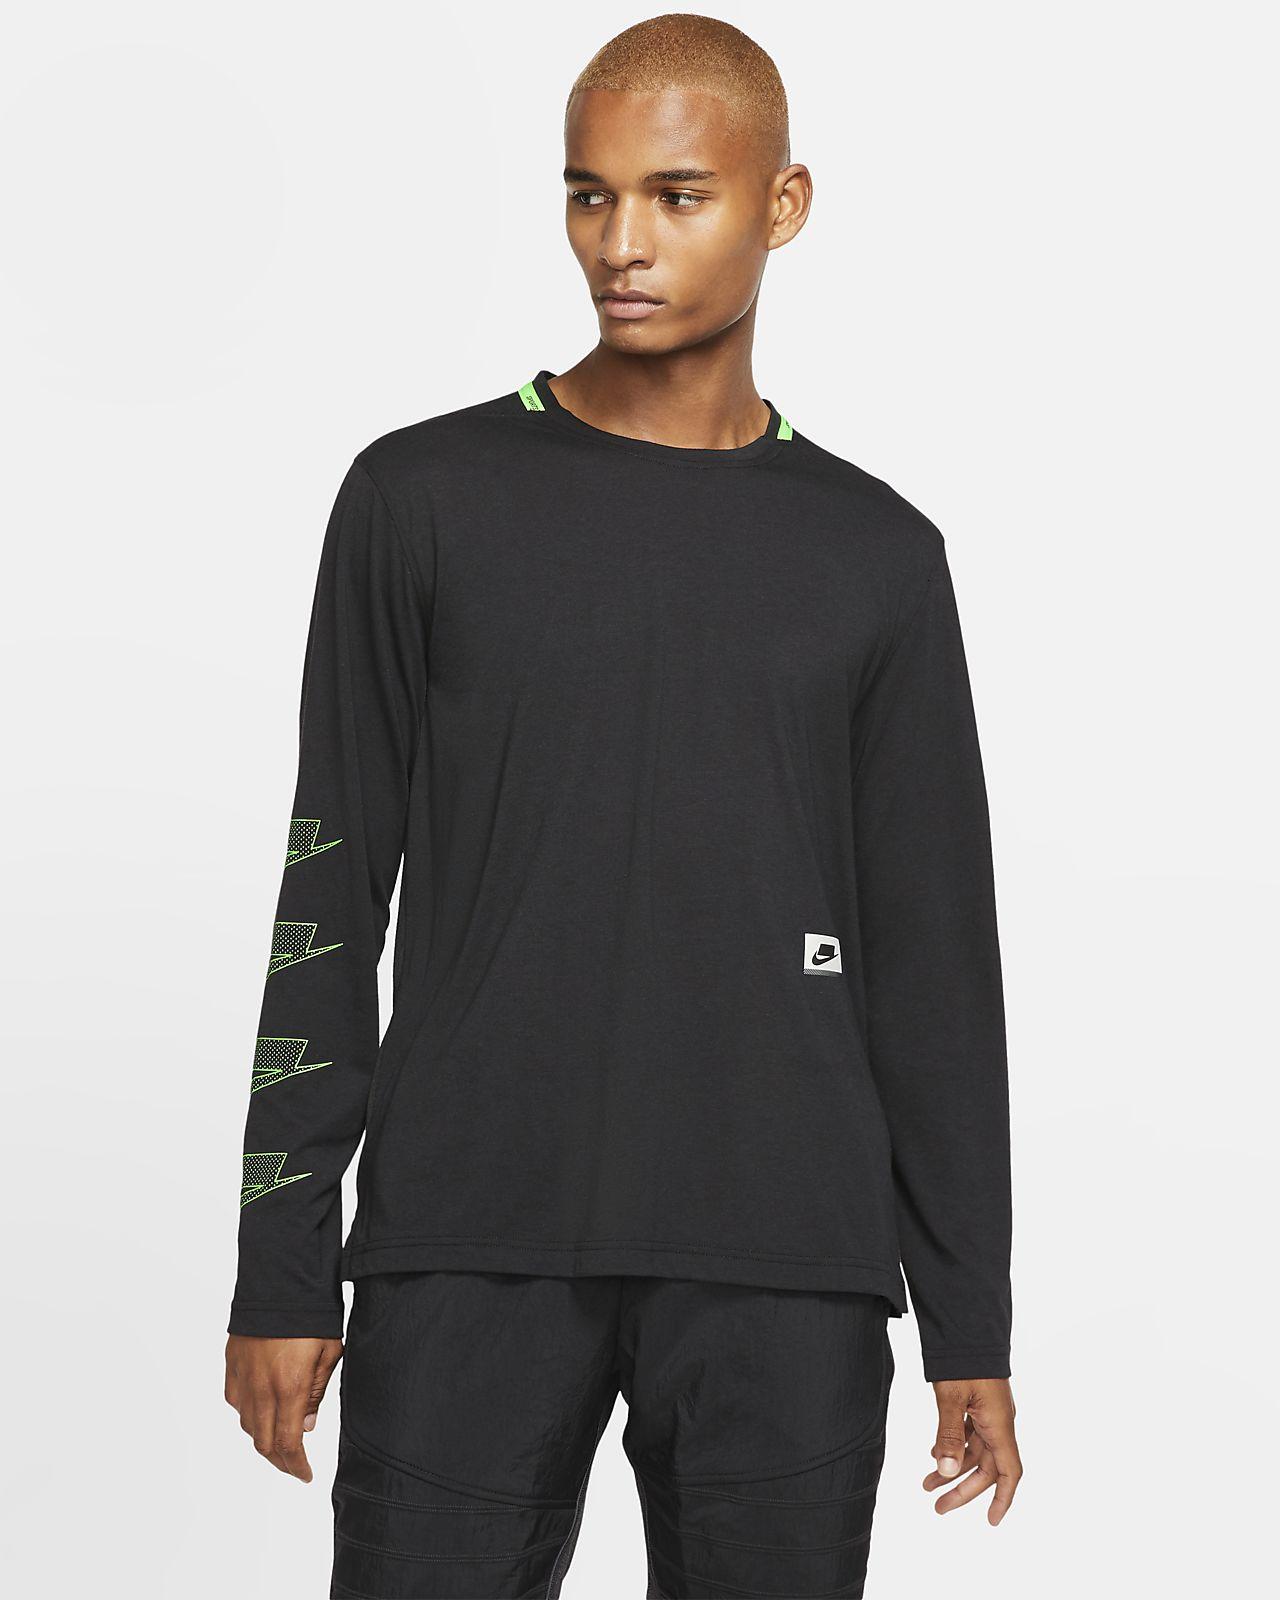 Мужская футболка с длинным рукавом для тренинга Nike Dri-FIT